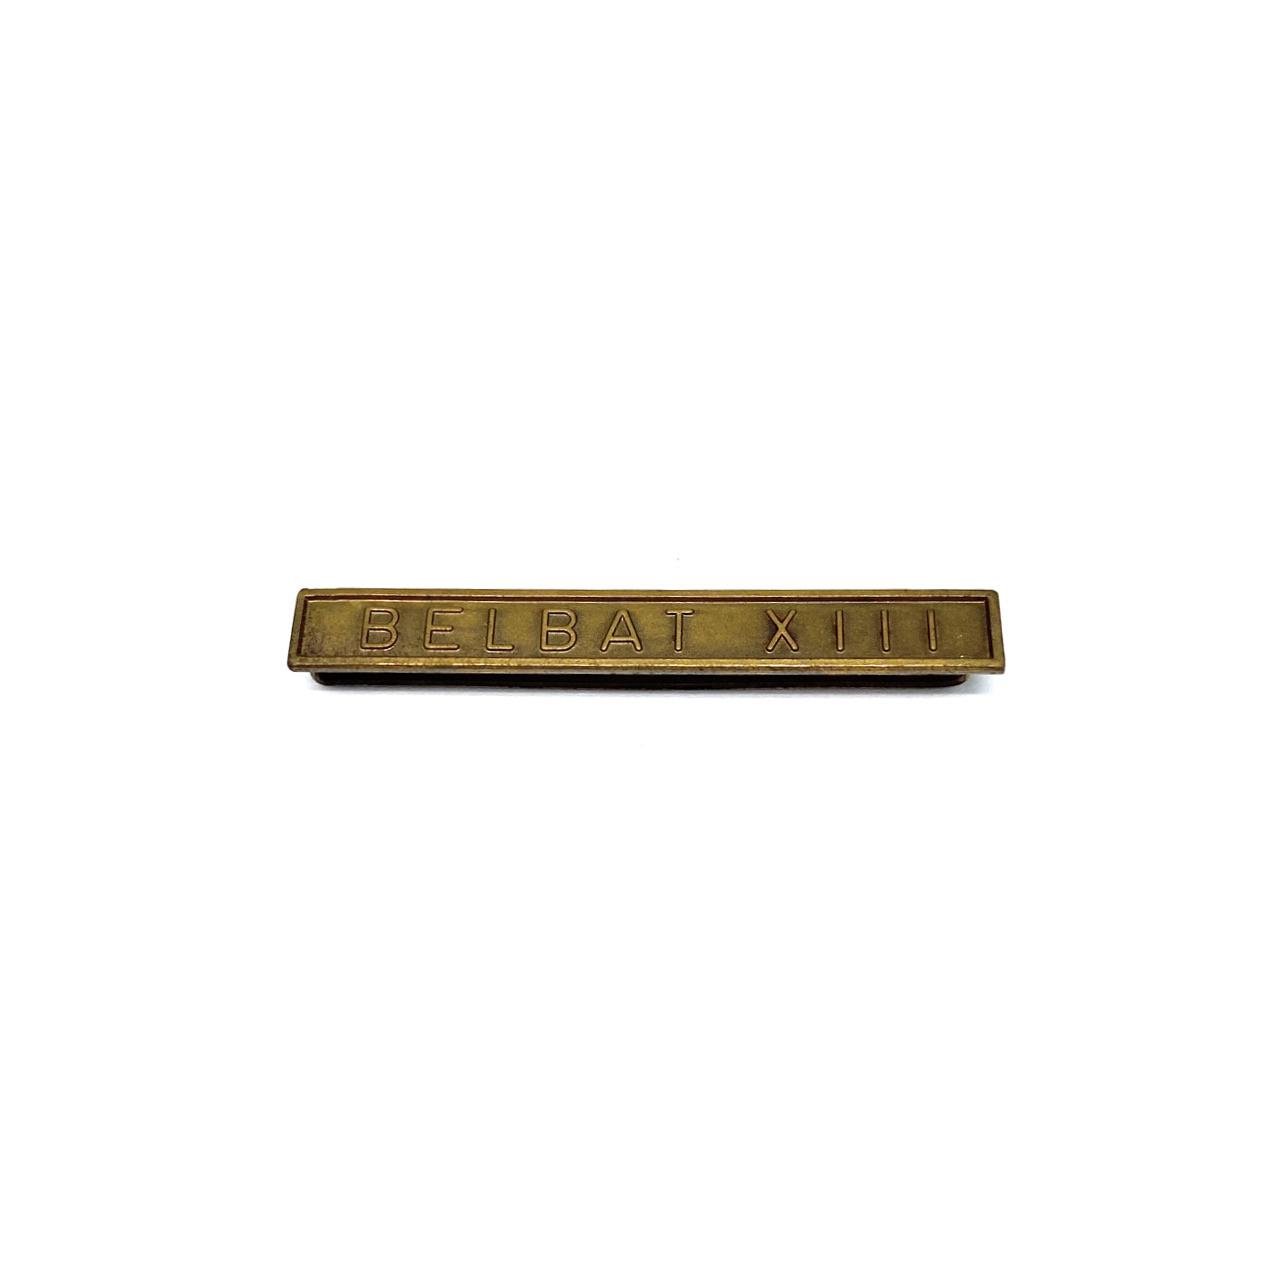 Barrette Belbat XIII pour décorations militaires